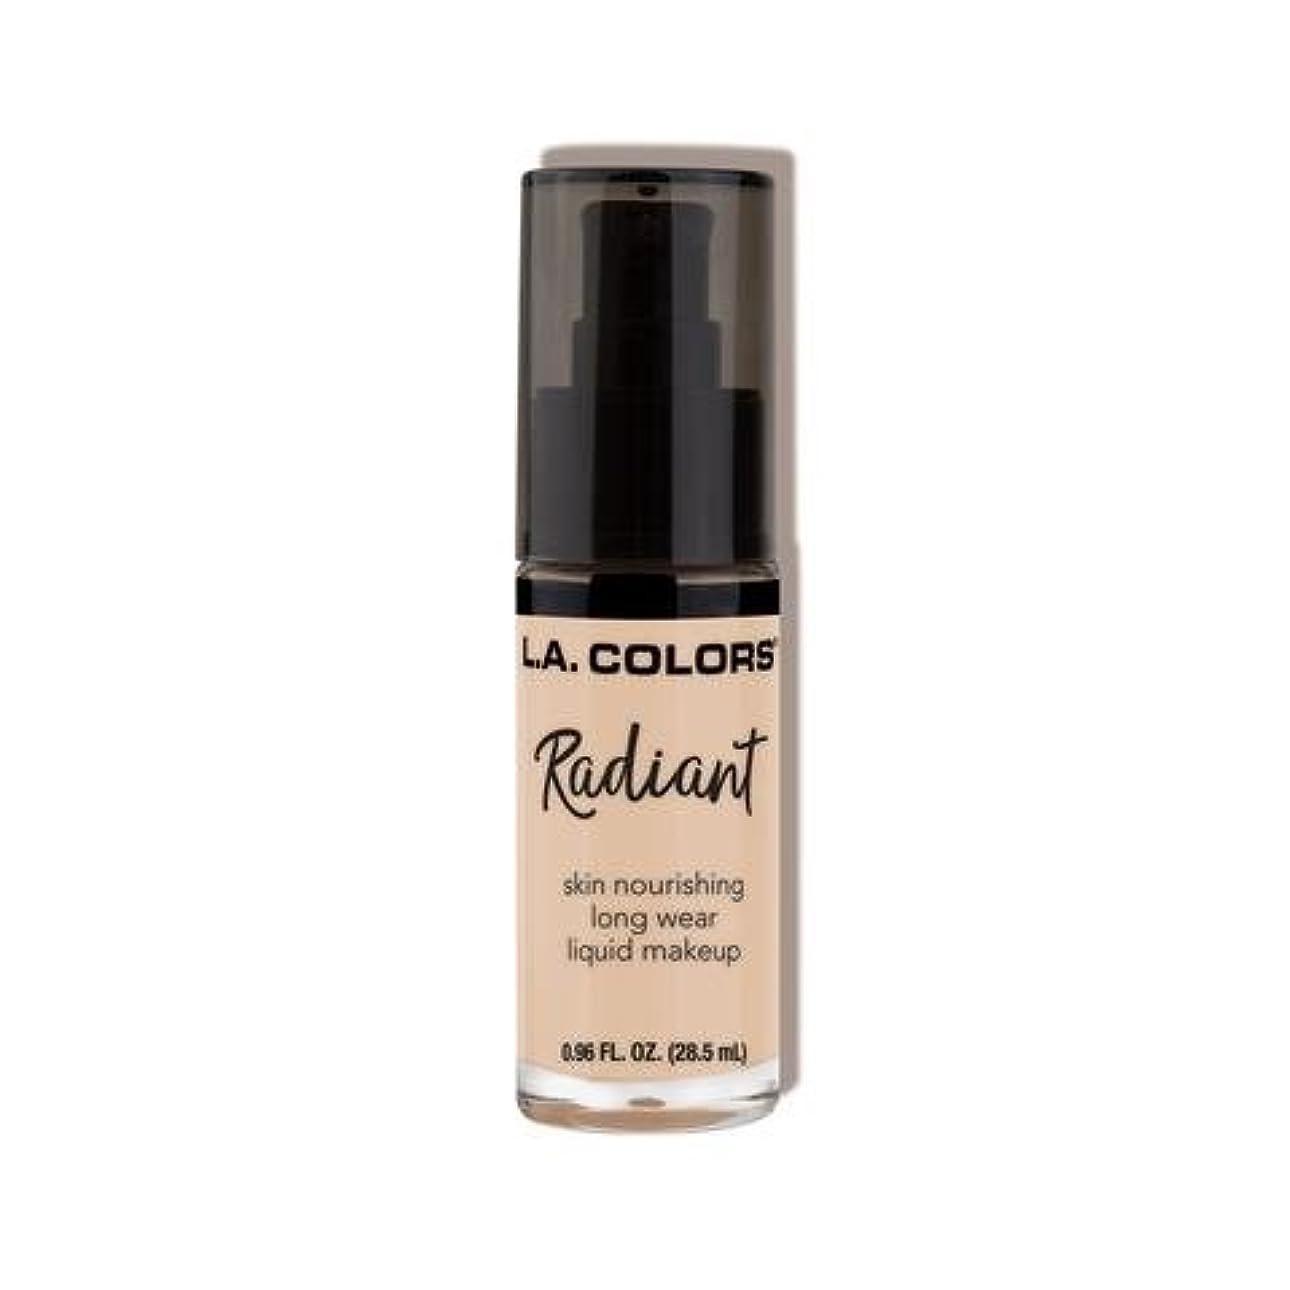 デザートきらめき不愉快に(3 Pack) L.A. COLORS Radiant Liquid Makeup - Vanilla (並行輸入品)